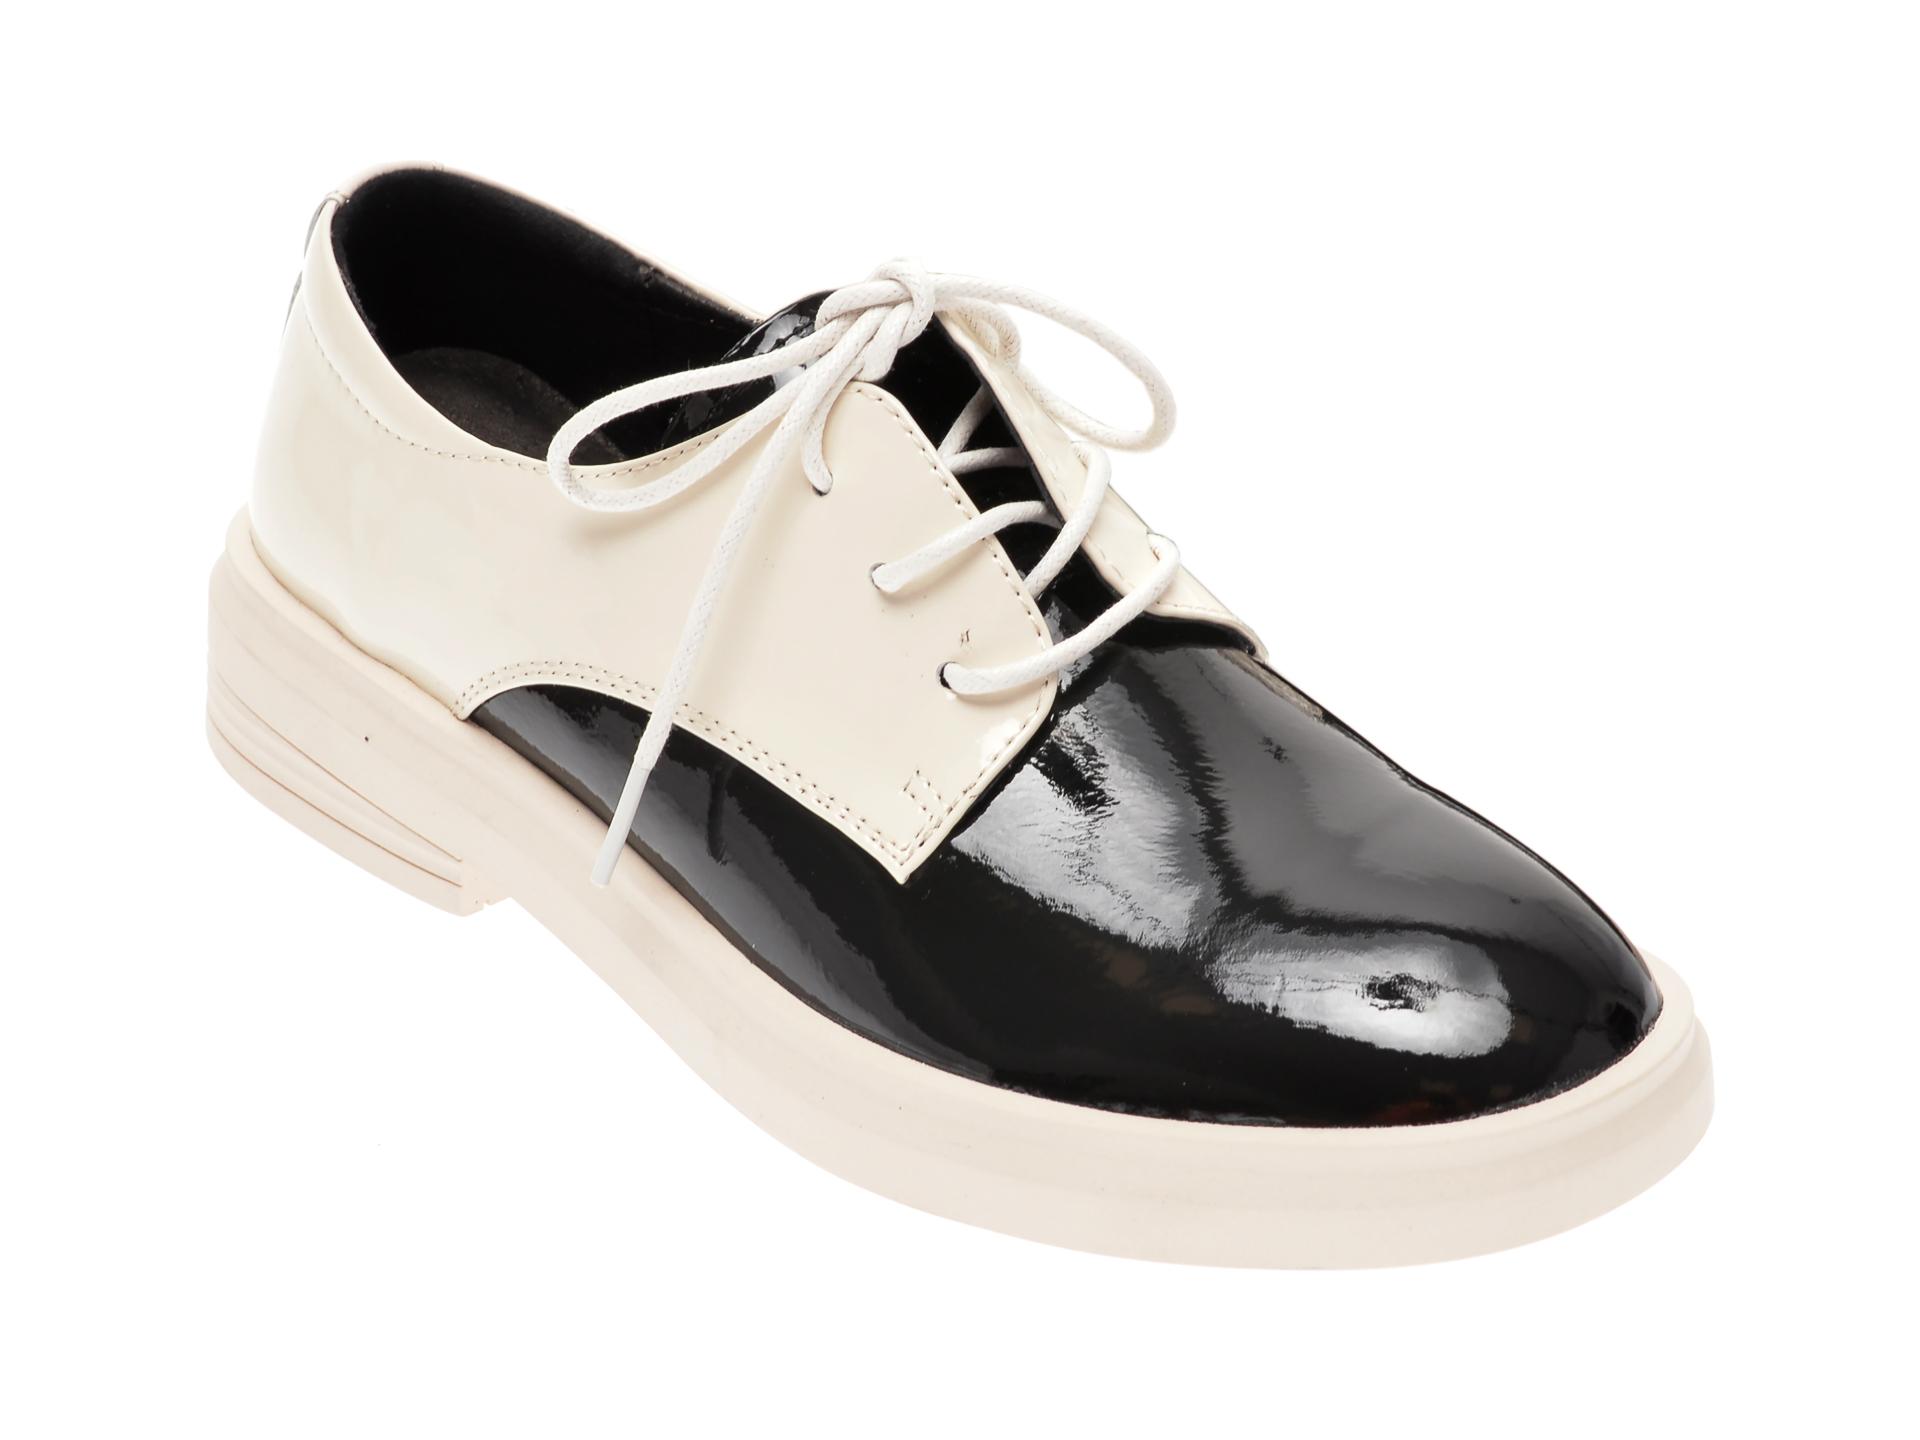 Pantofi PASS COLLECTION albi, 19118, din piele naturala lacuita